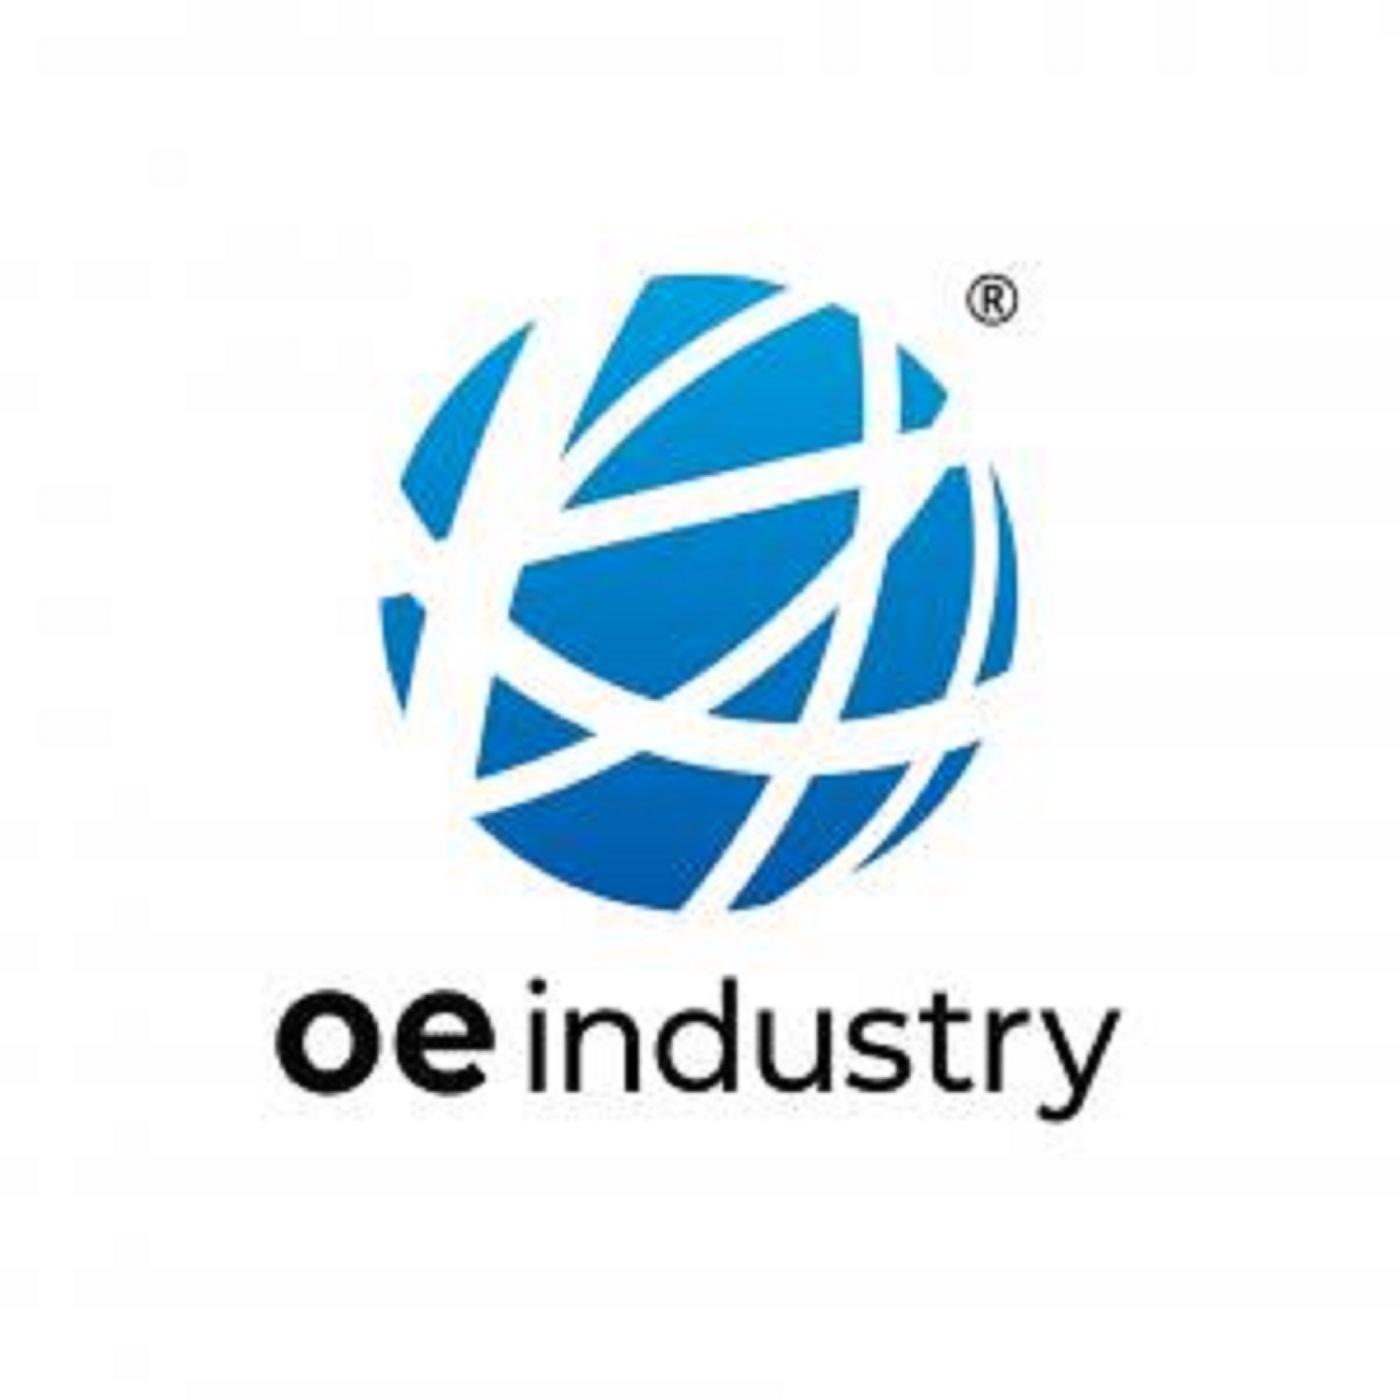 OE Industry